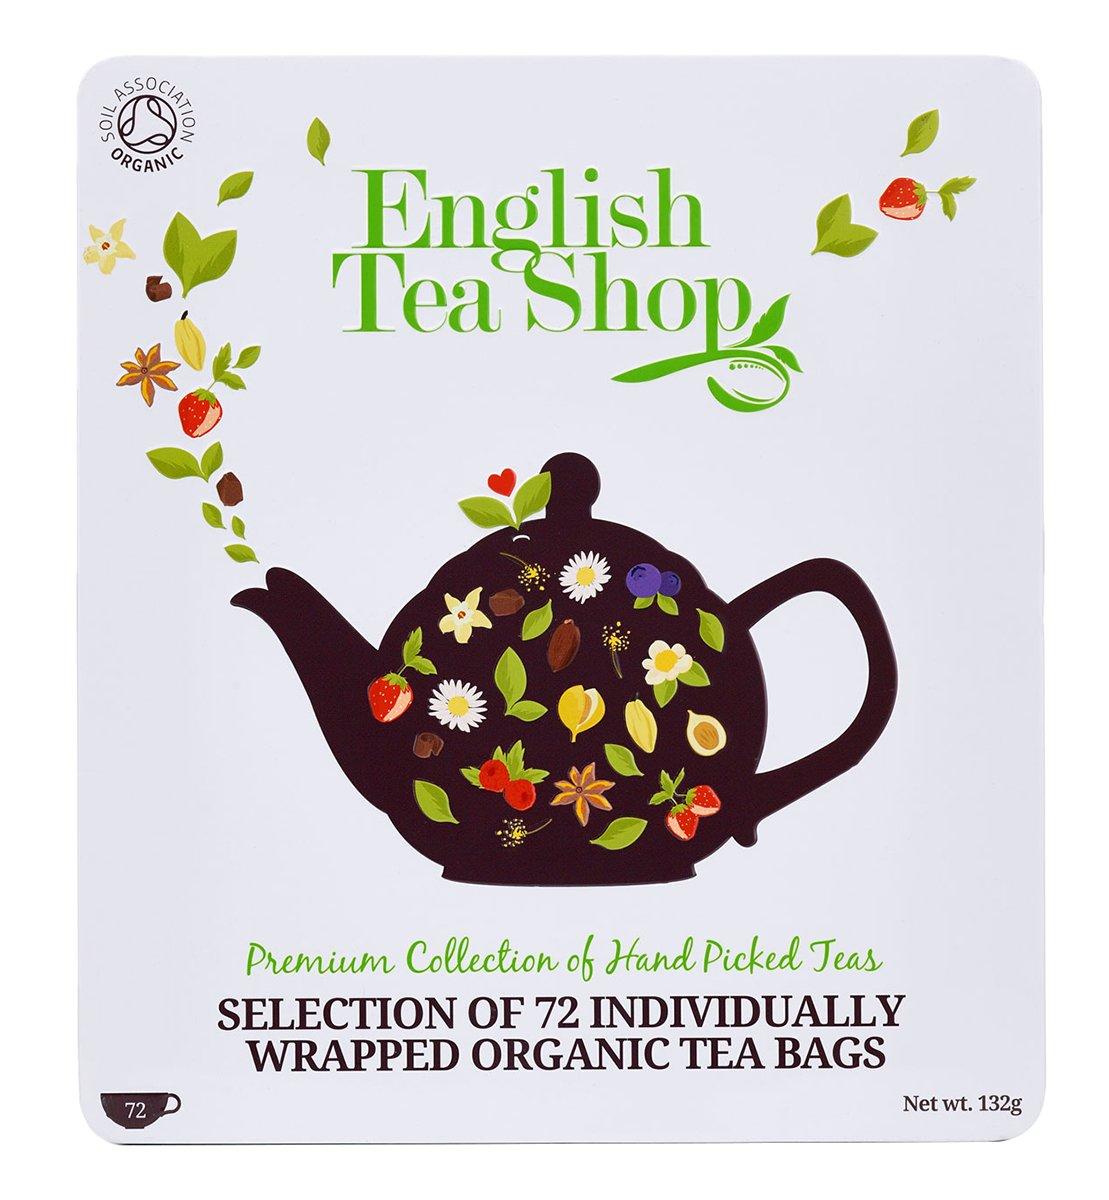 海外の輸入紅茶 English tea shop 緑茶コレクション